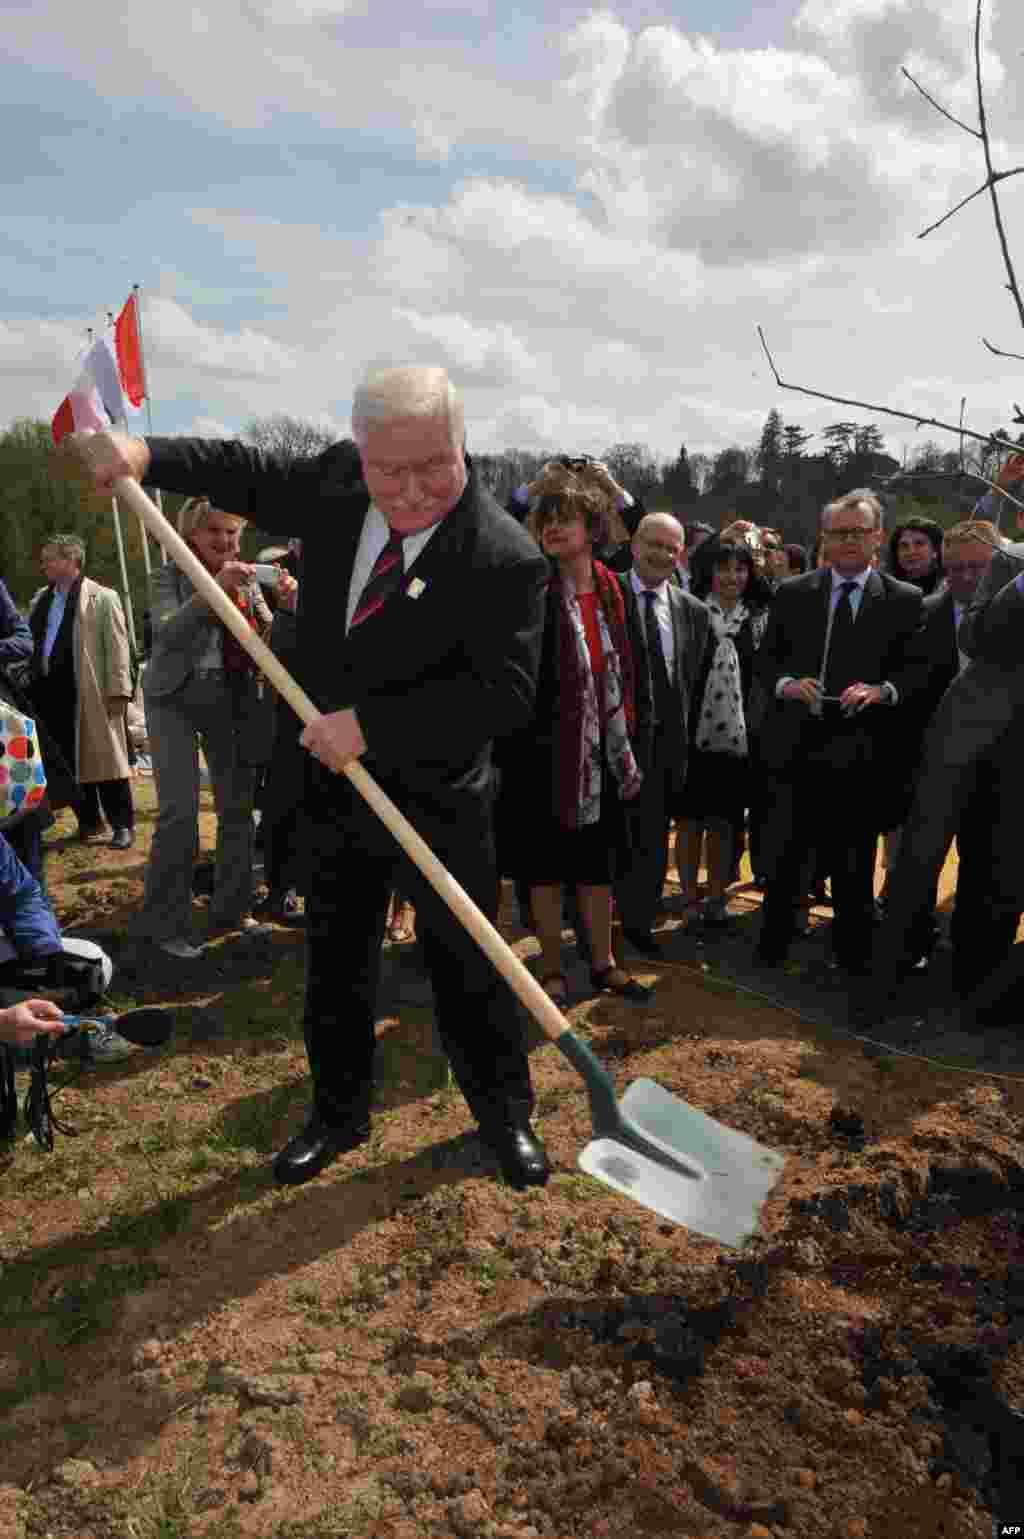 Бывший польский президент Лех Валенса сажает дерево в честь Французской революции